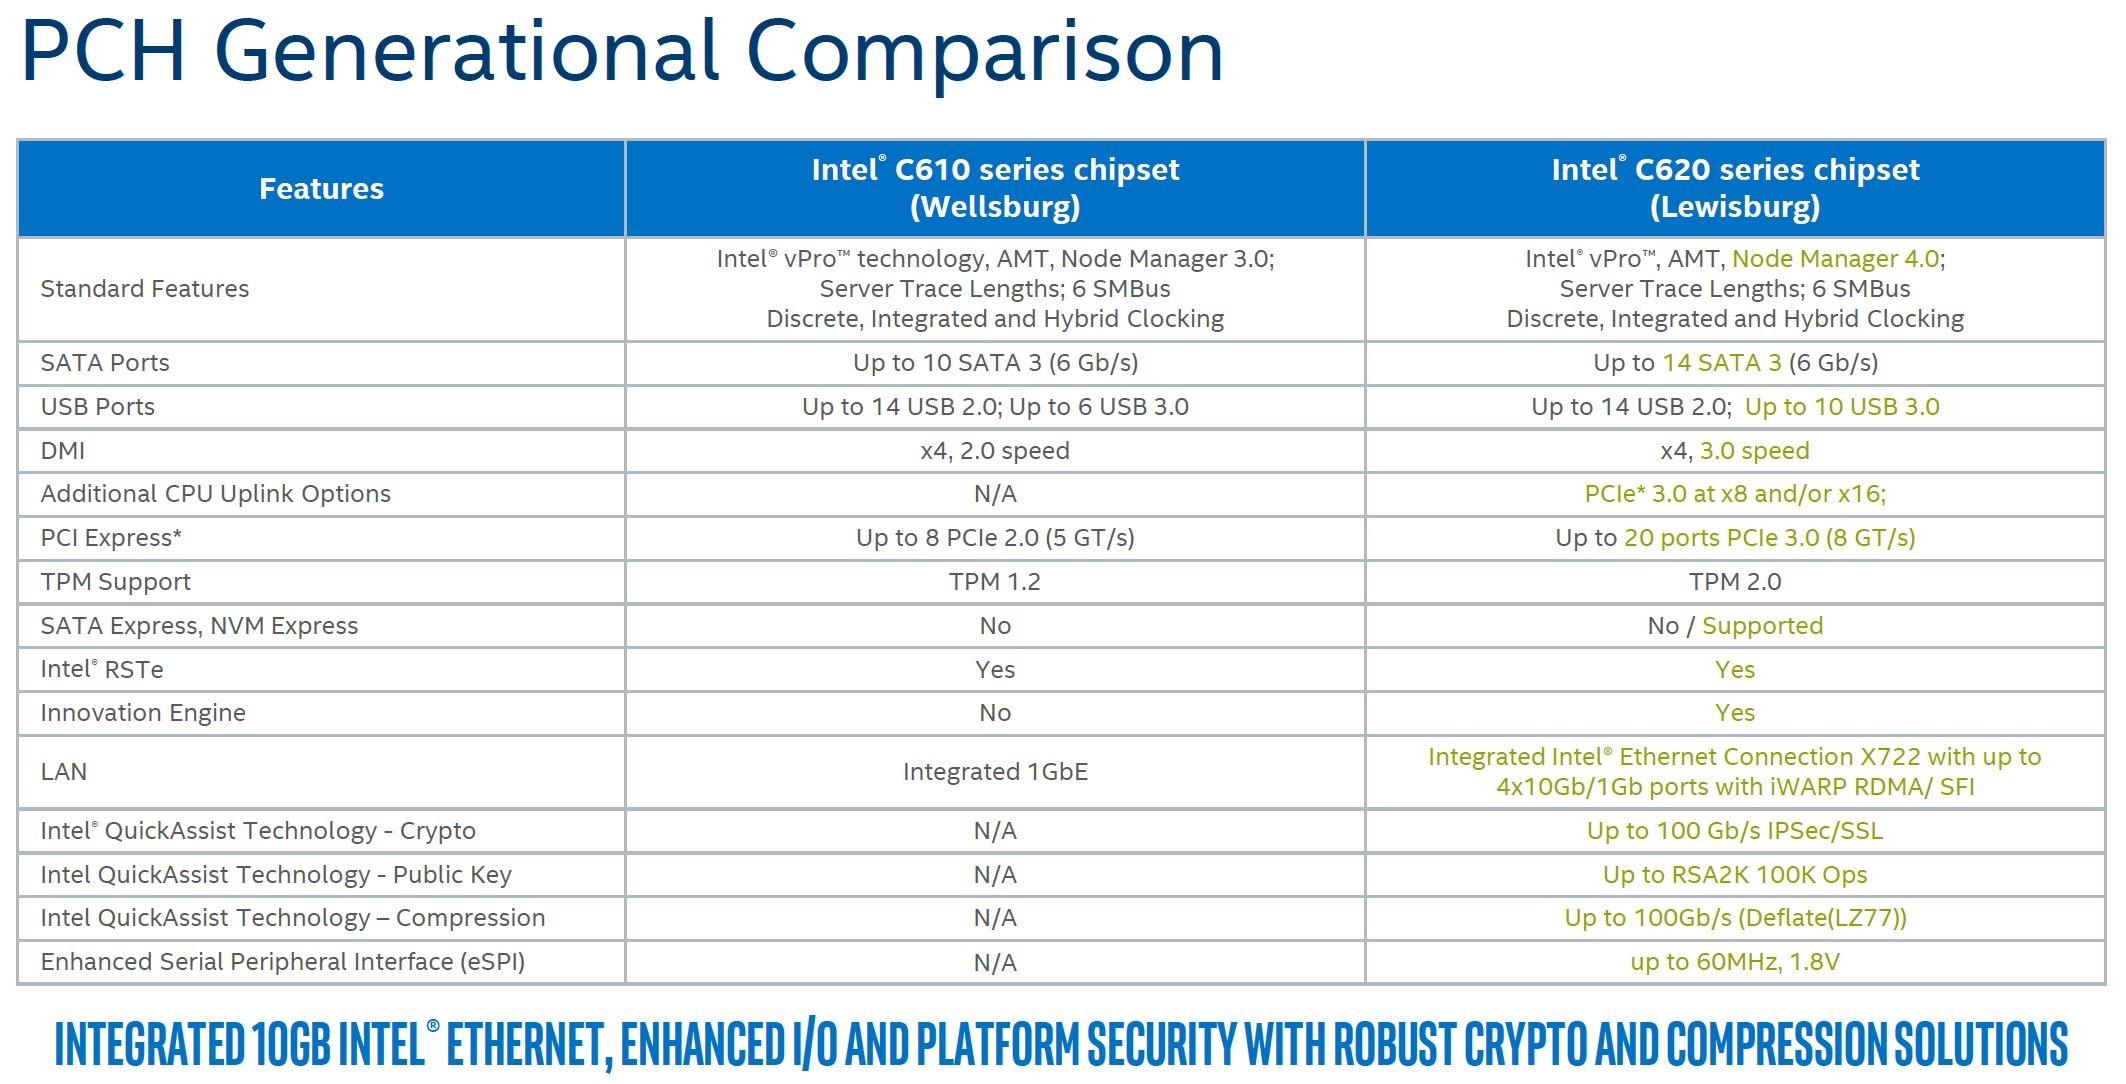 Der neue Intel C620 Chipsatz-Familie alias Lewisburg im Vergleich zum Vorgänger Wellsburg